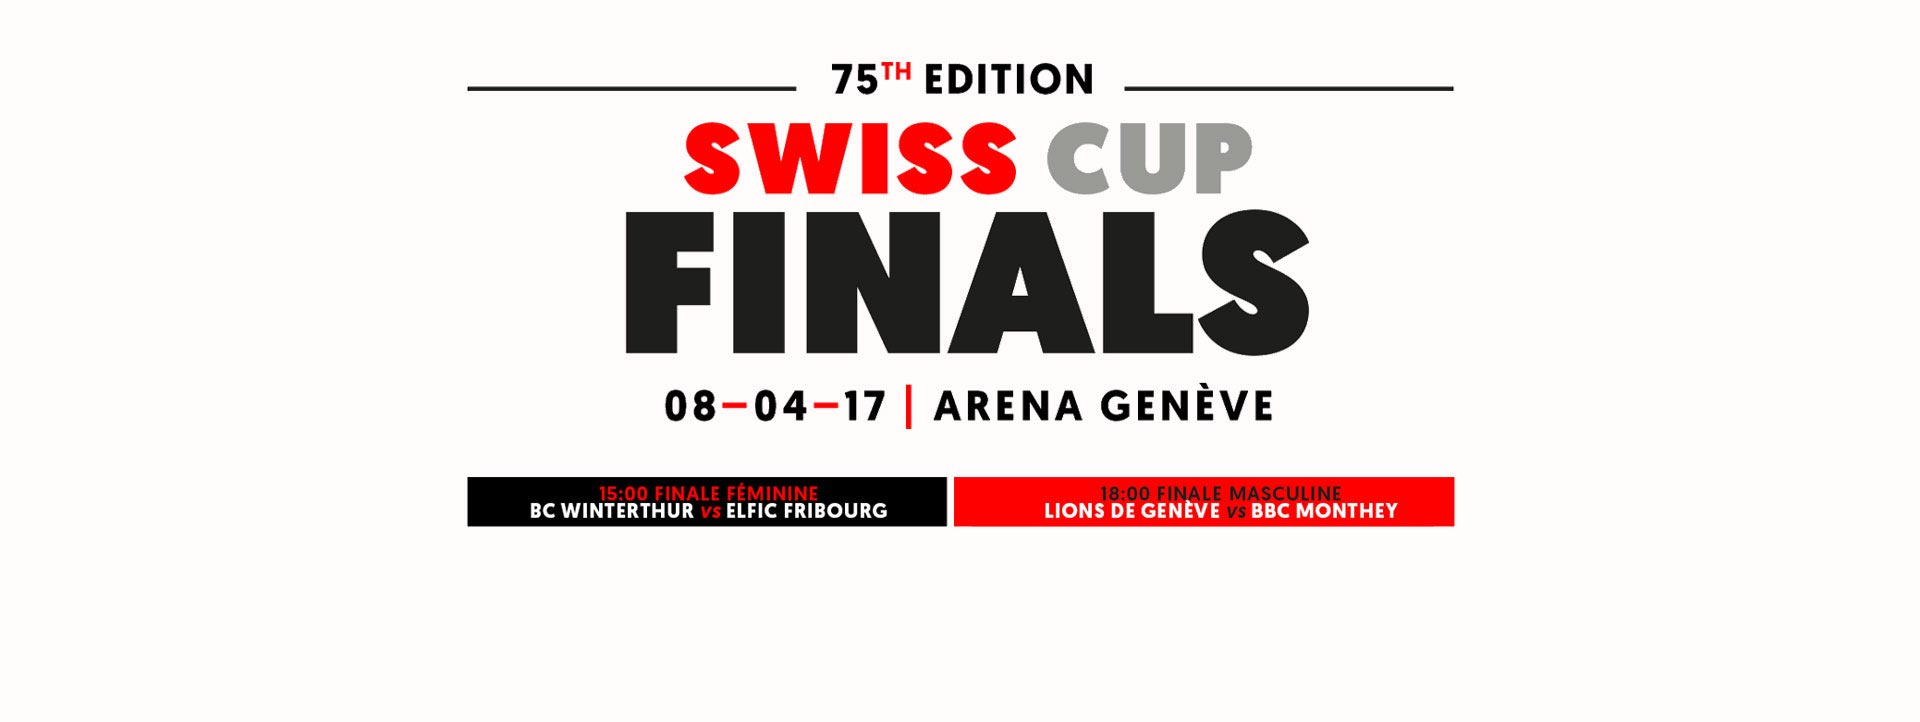 Swiss Cup Finals 2017 - Swiss Basketball